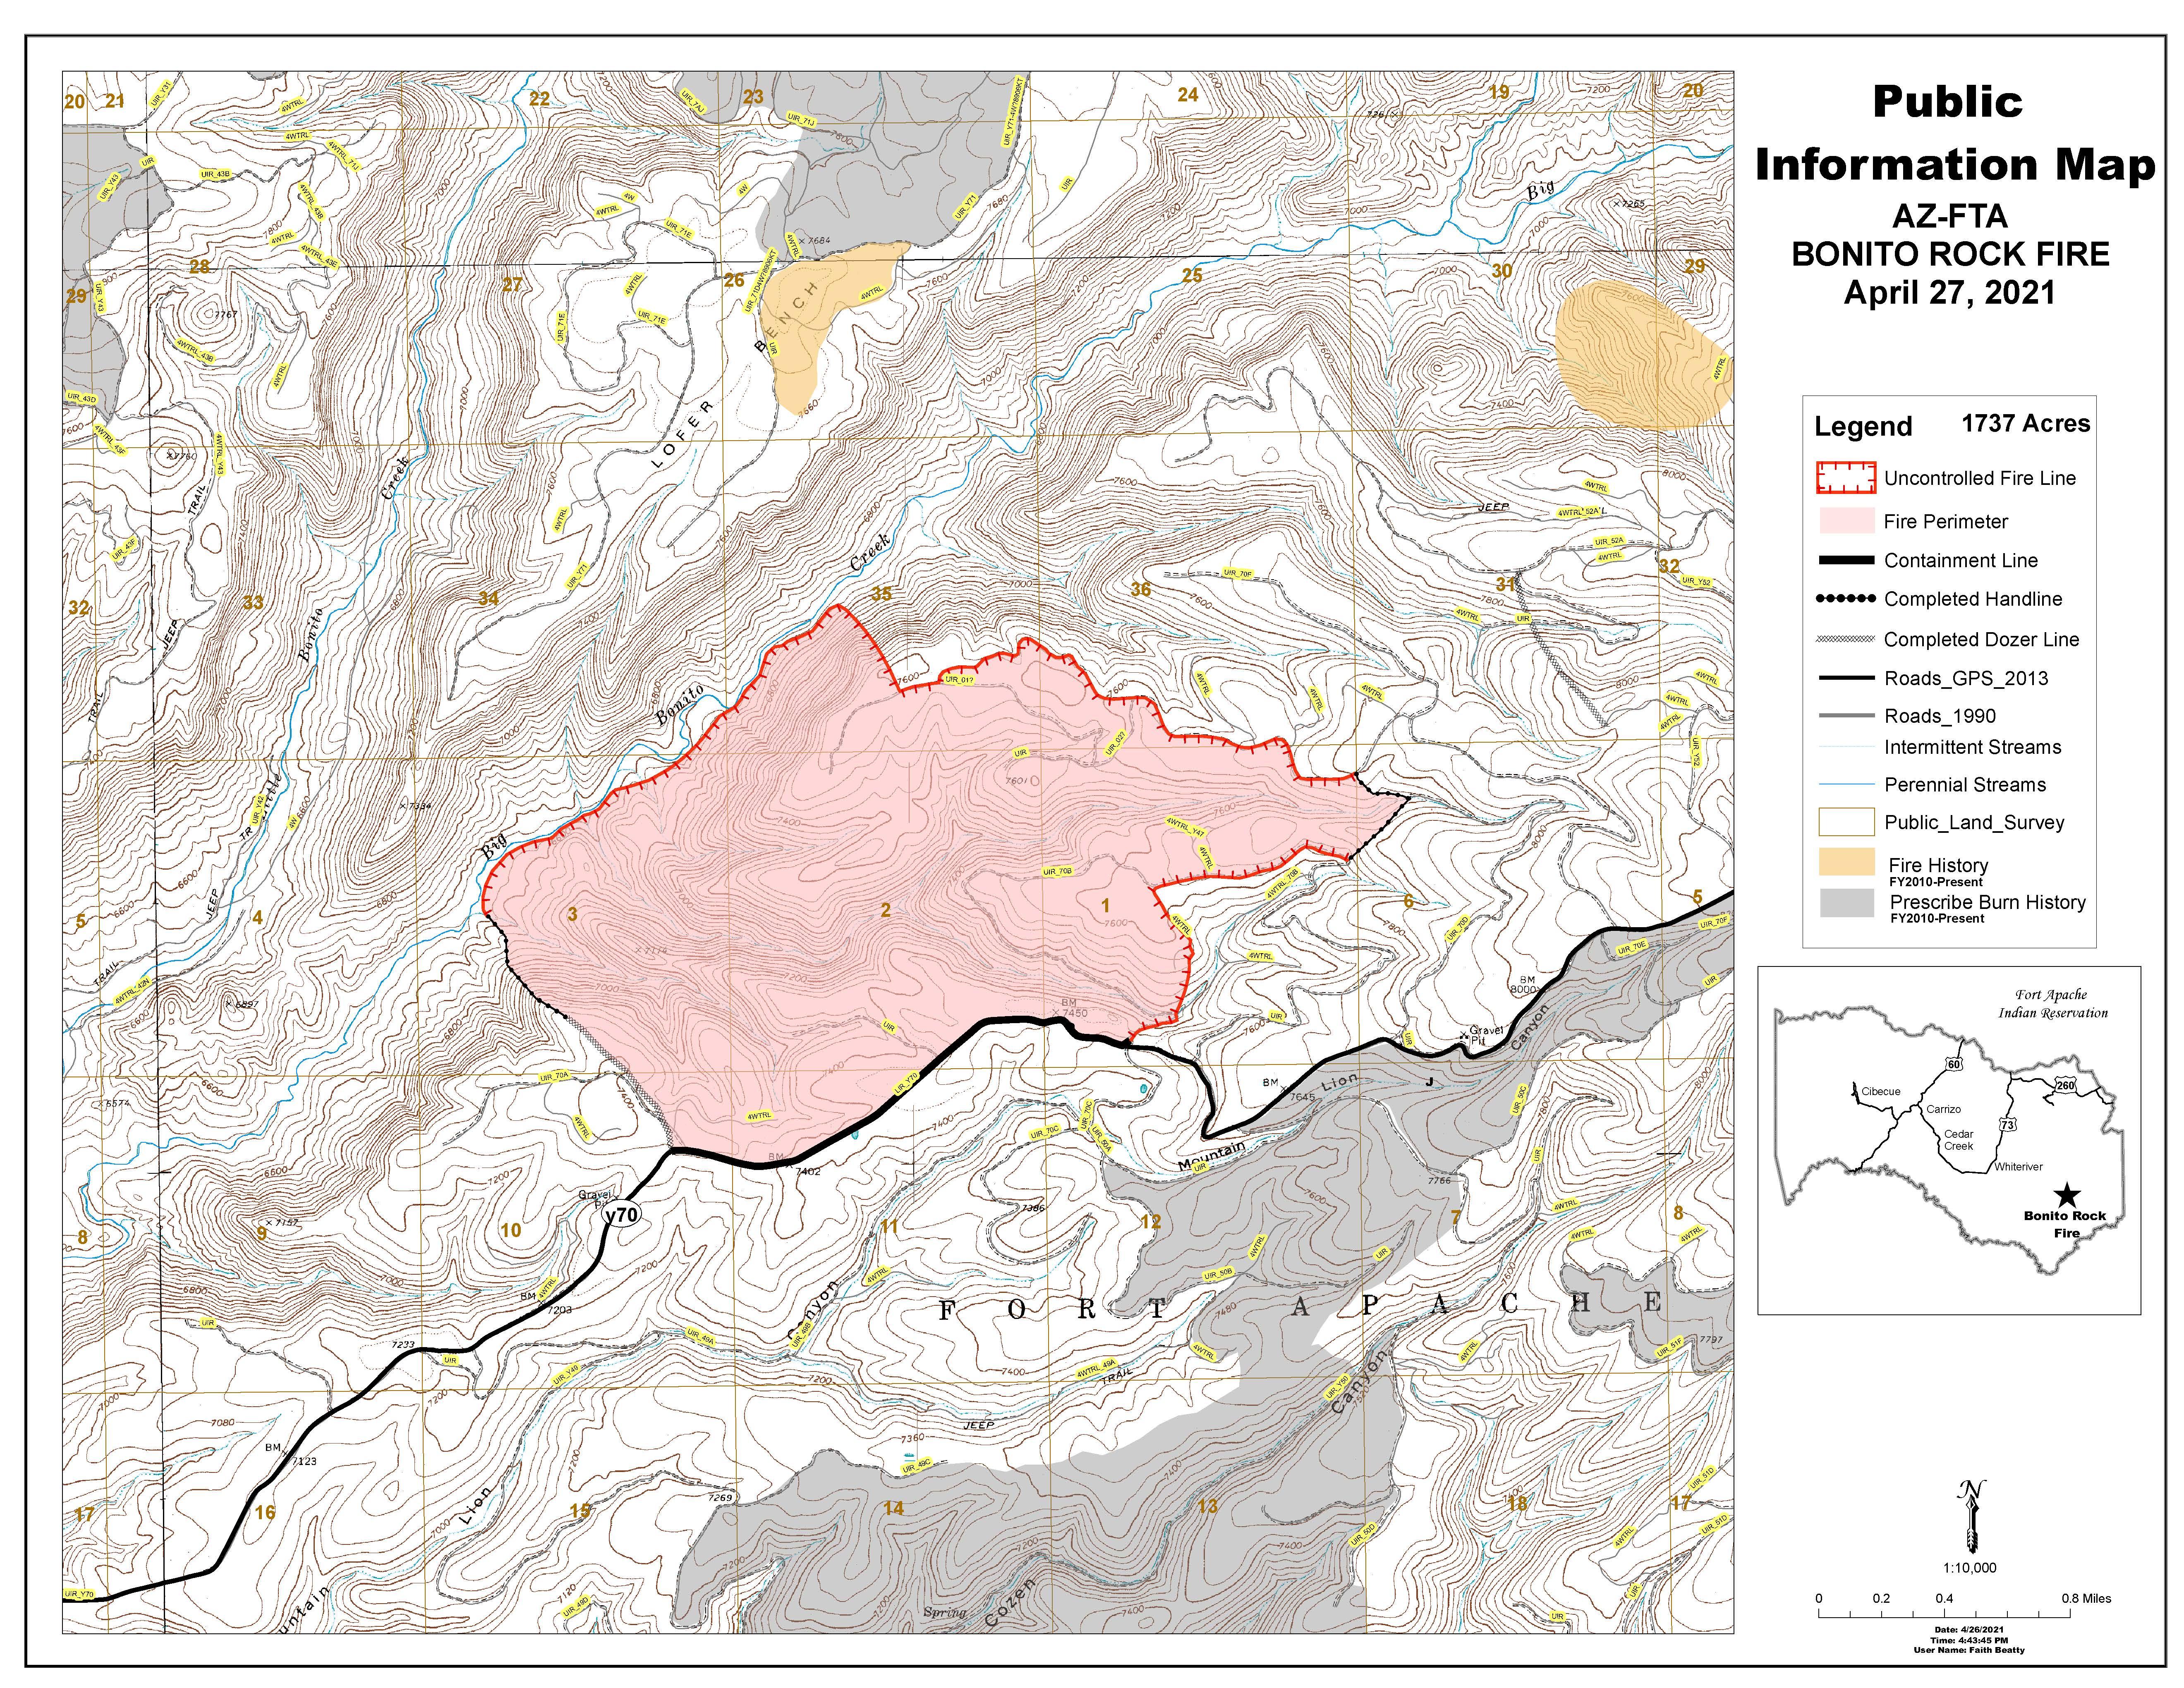 Bonito Rock Fire Map